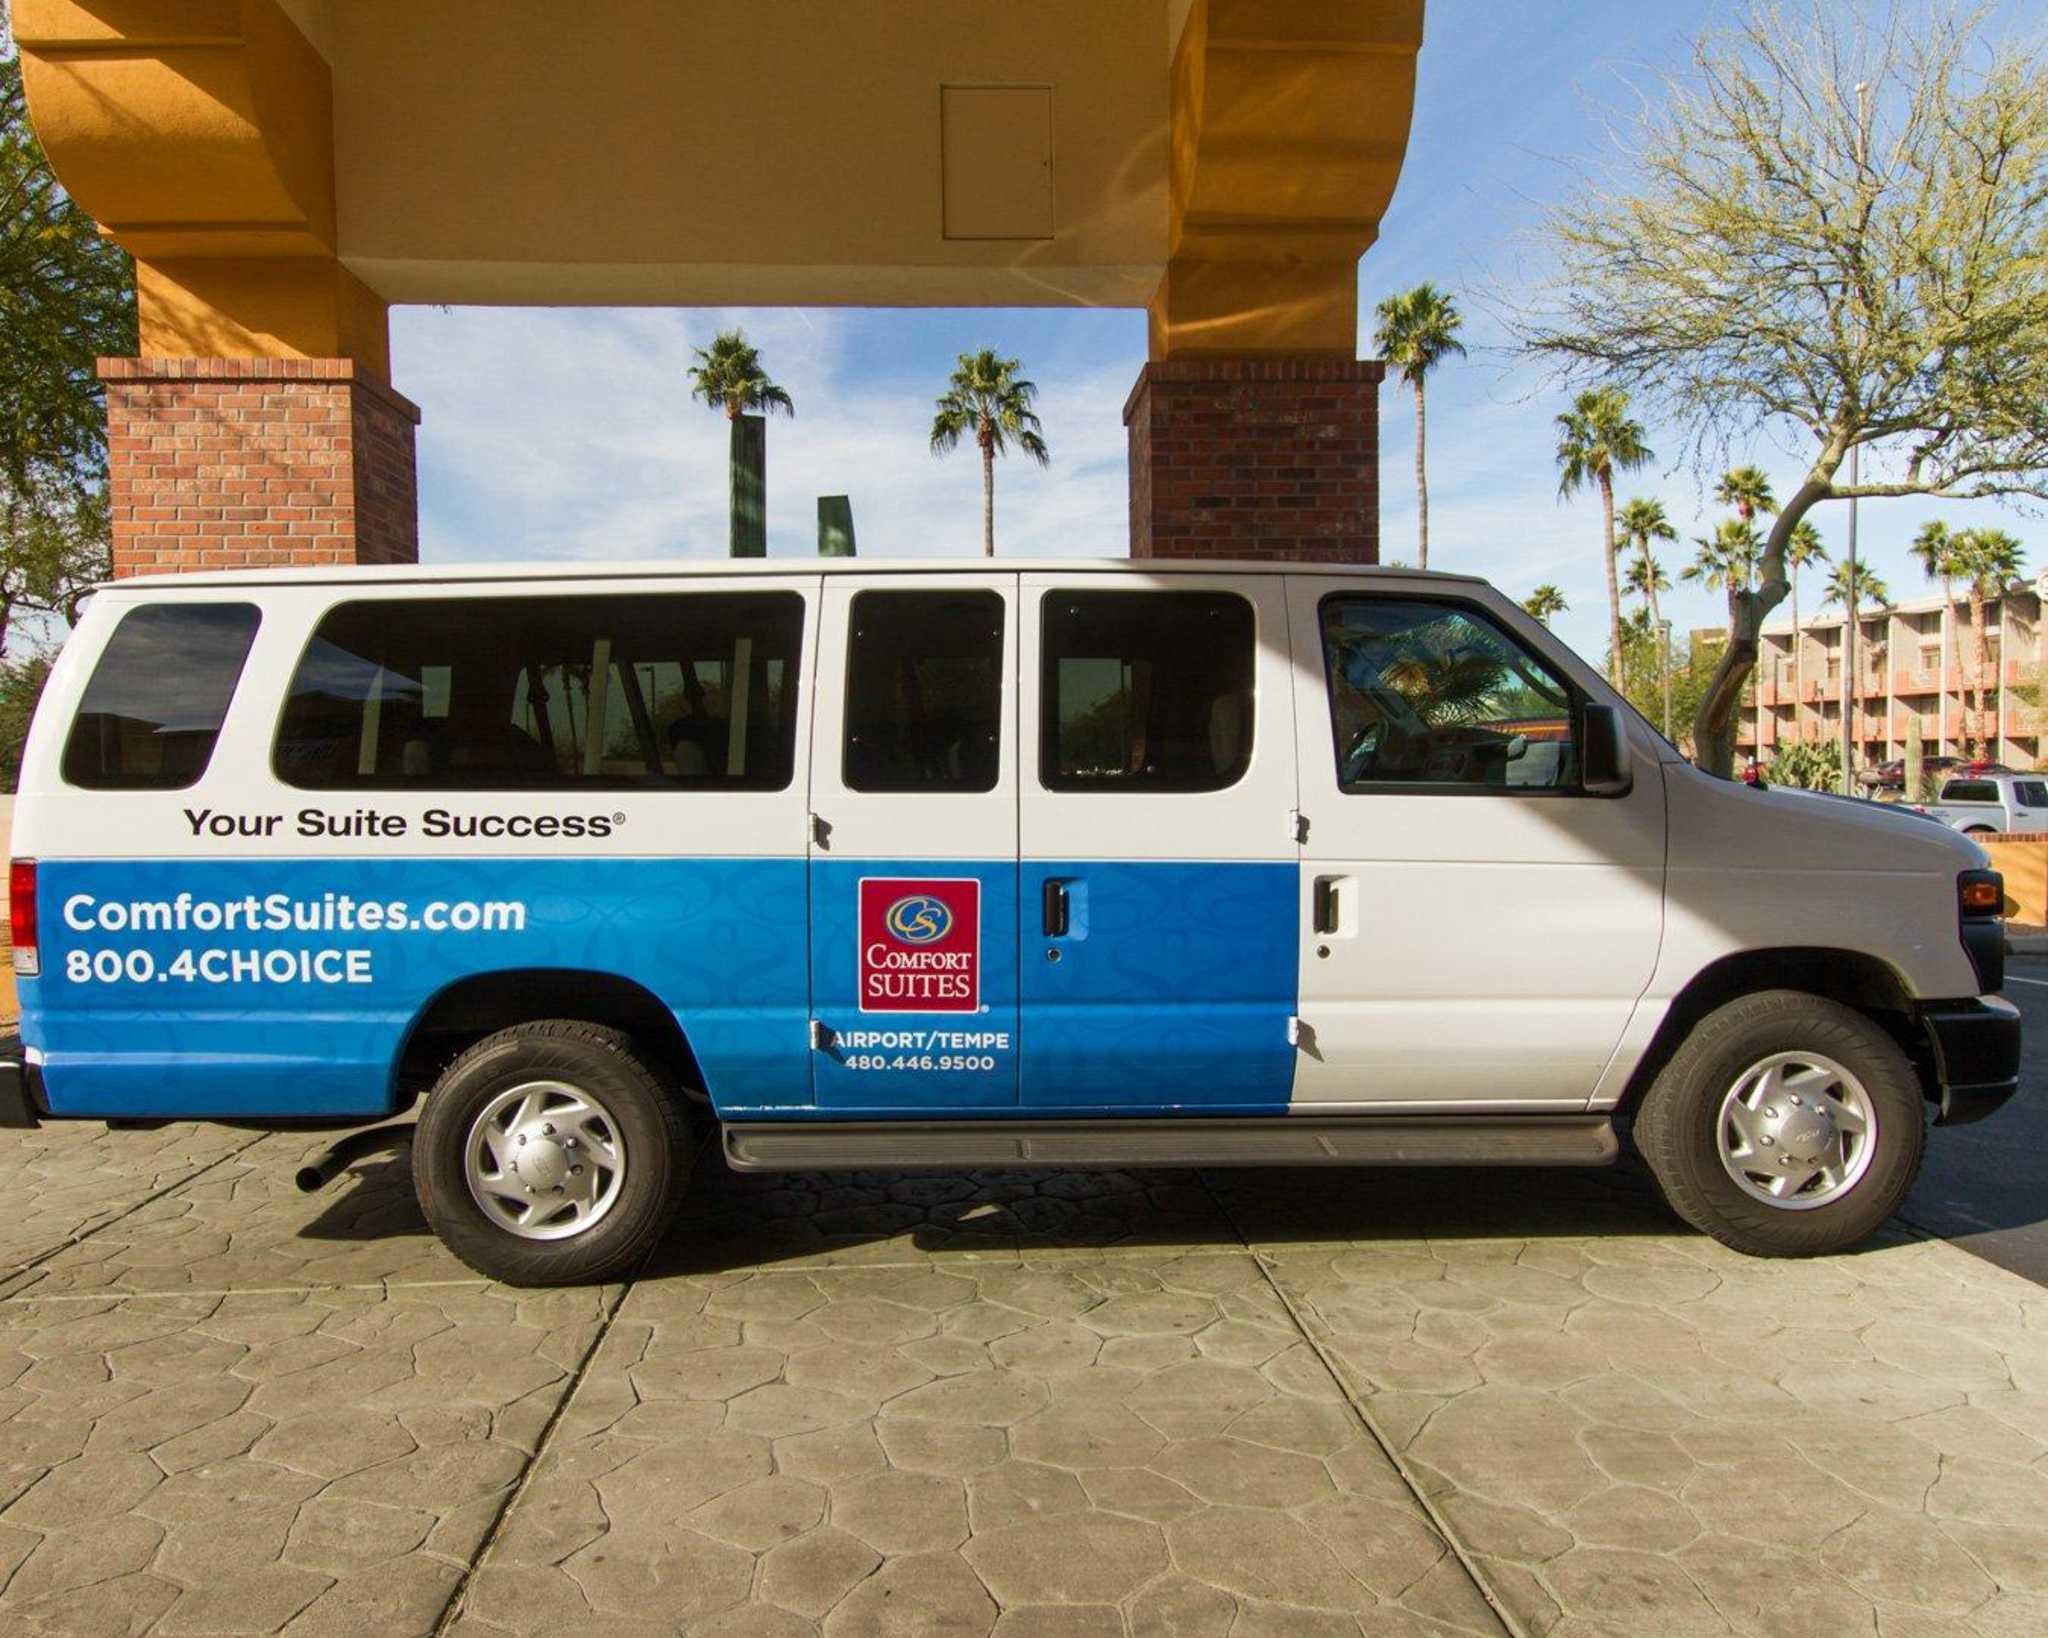 Comfort Suites Phoenix Airport image 30